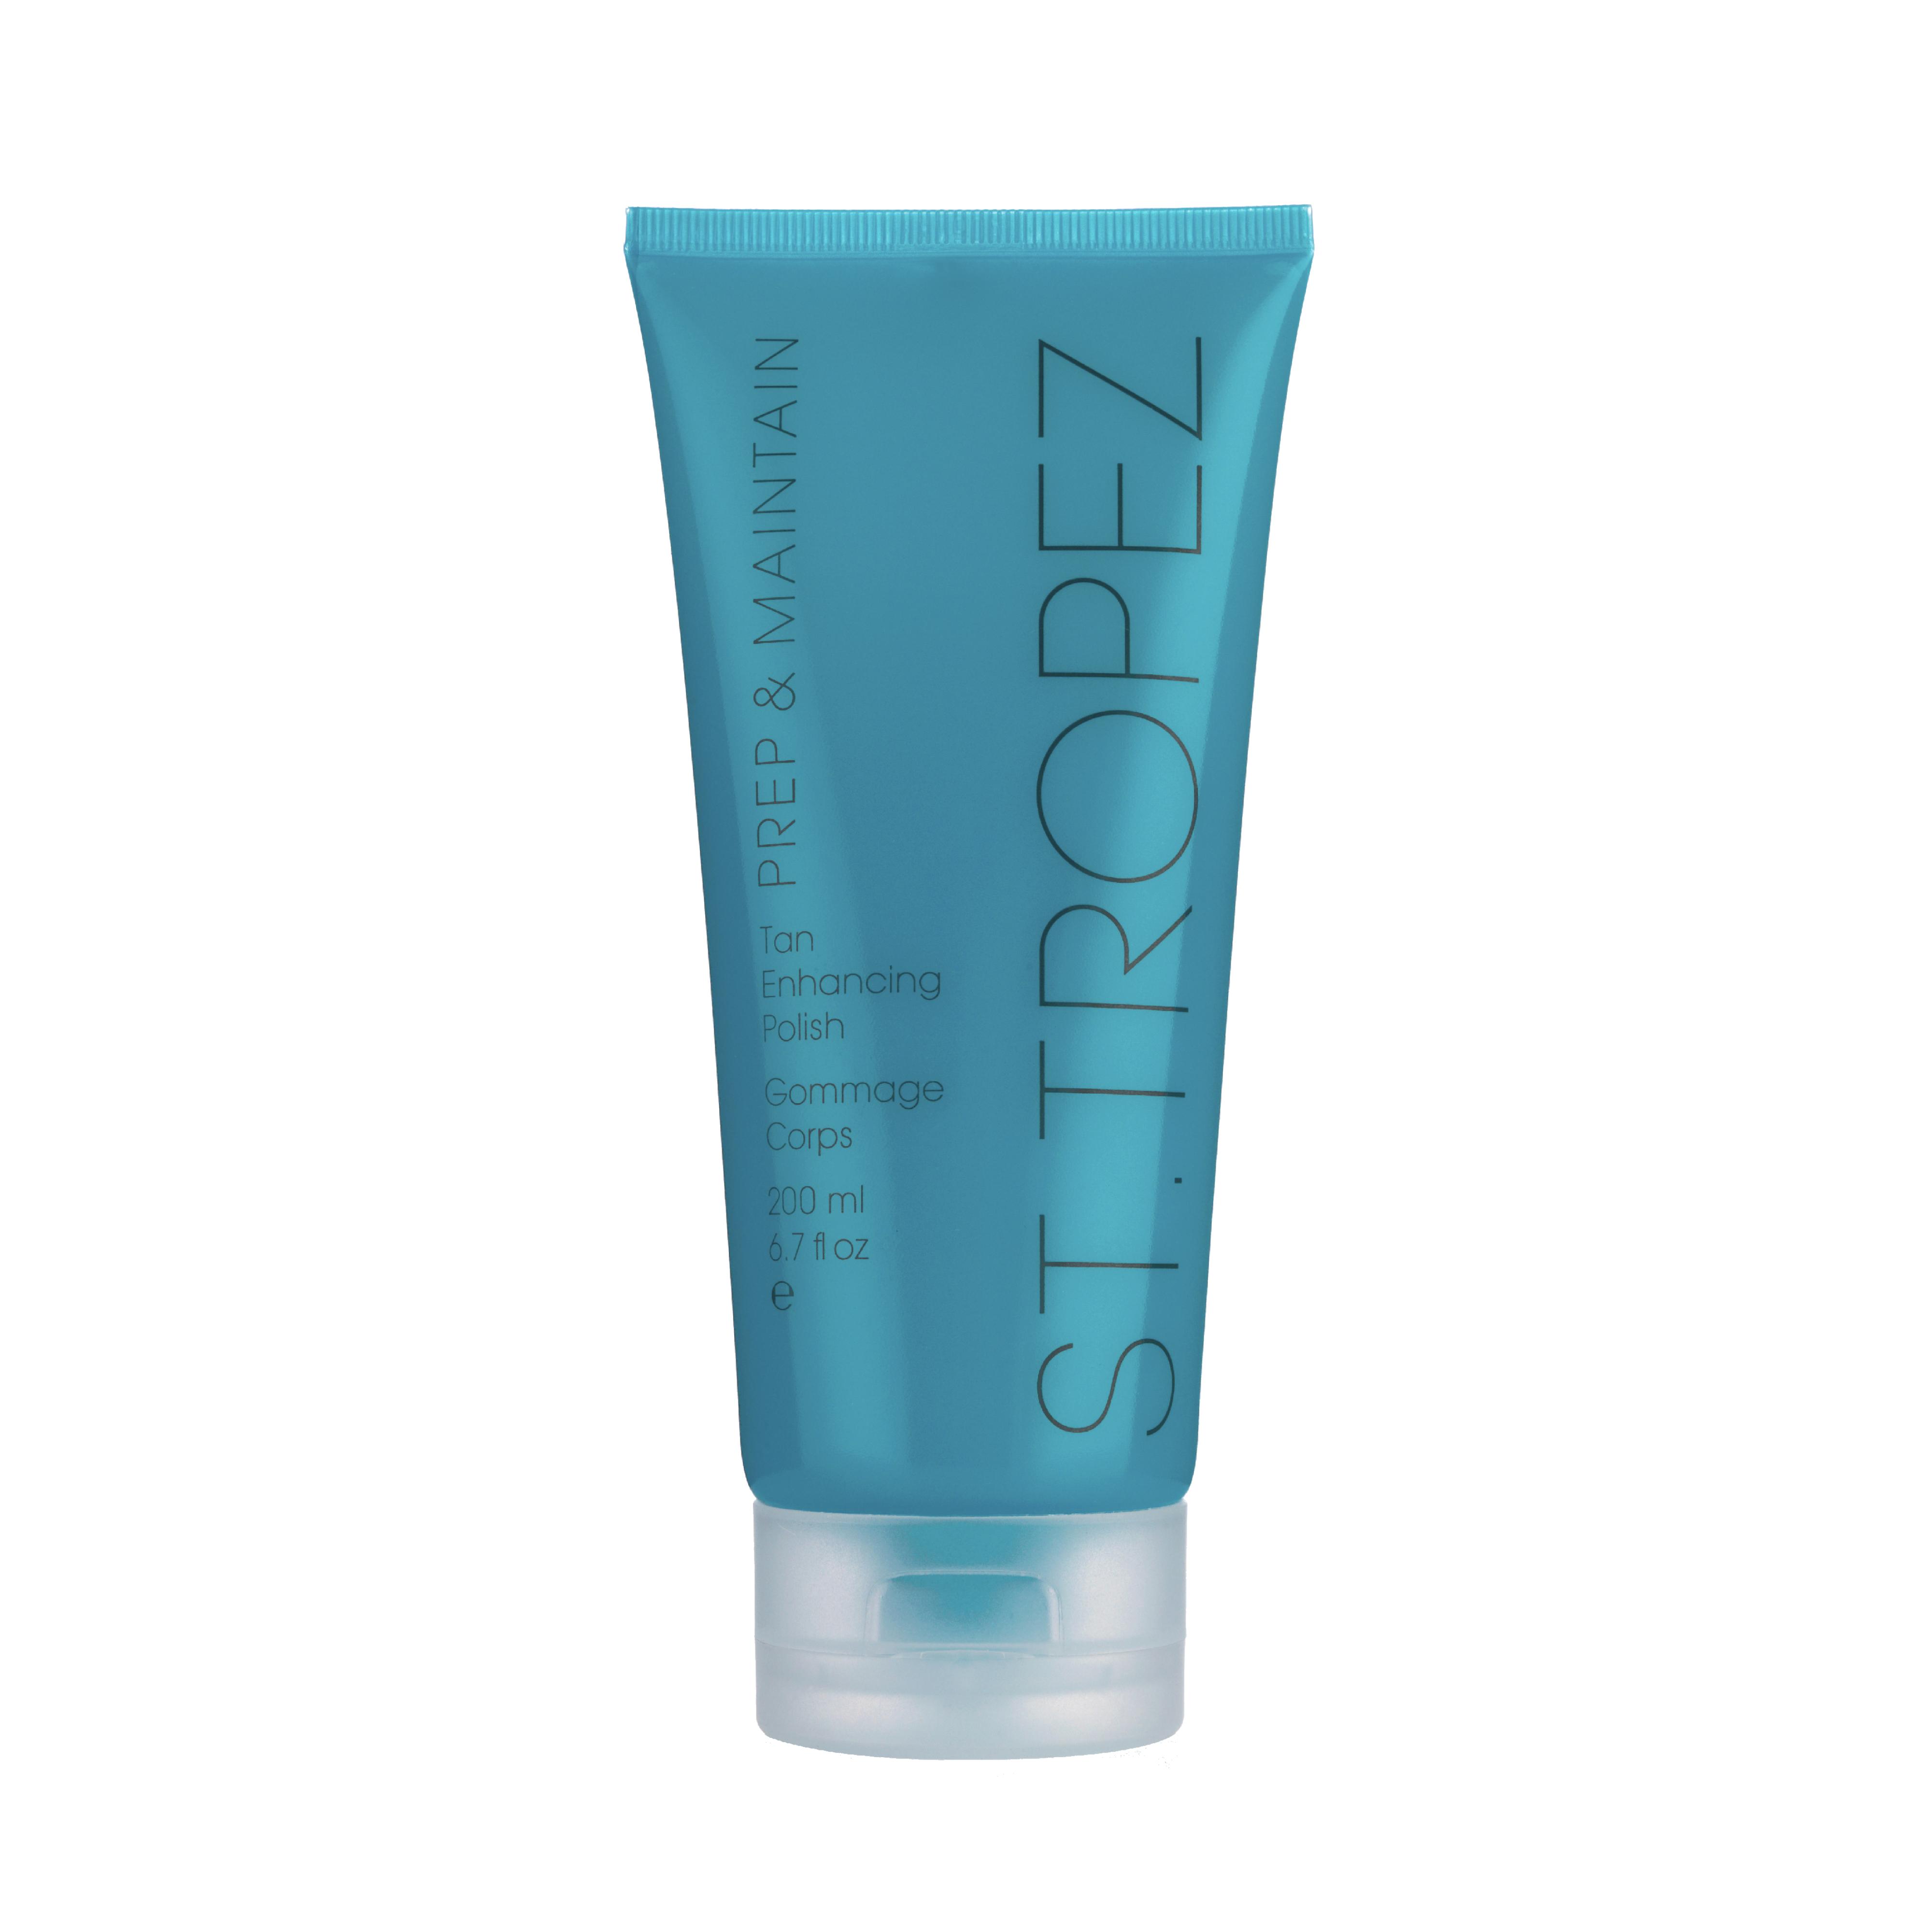 Tan Enhancing Body Polish